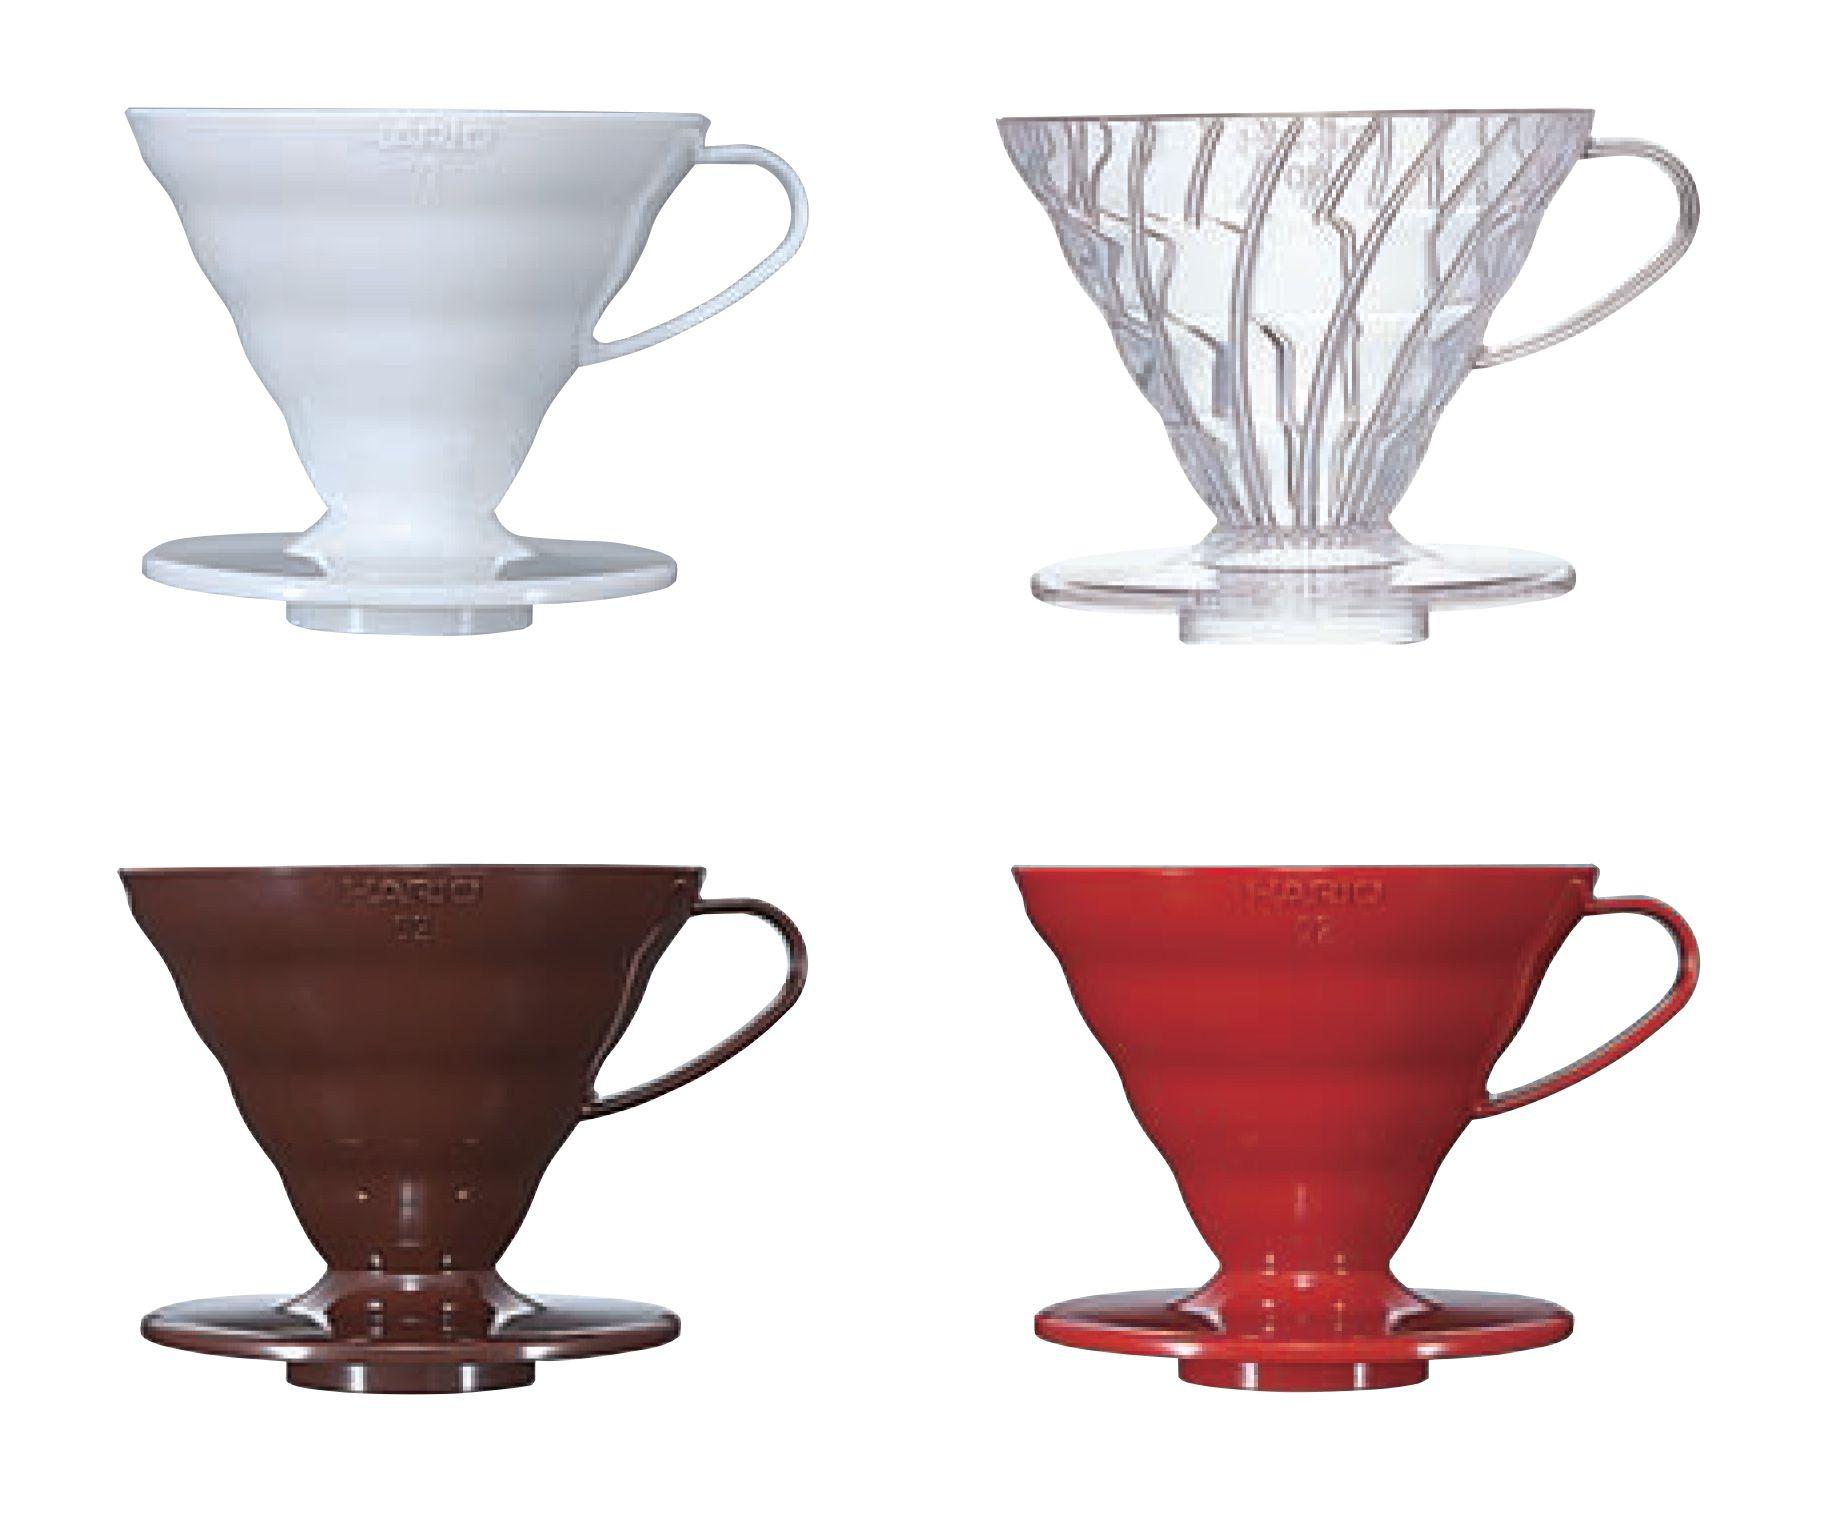 Suporte plástico para café Hario V60 (Tamanho 2, Branco) - VD-02W